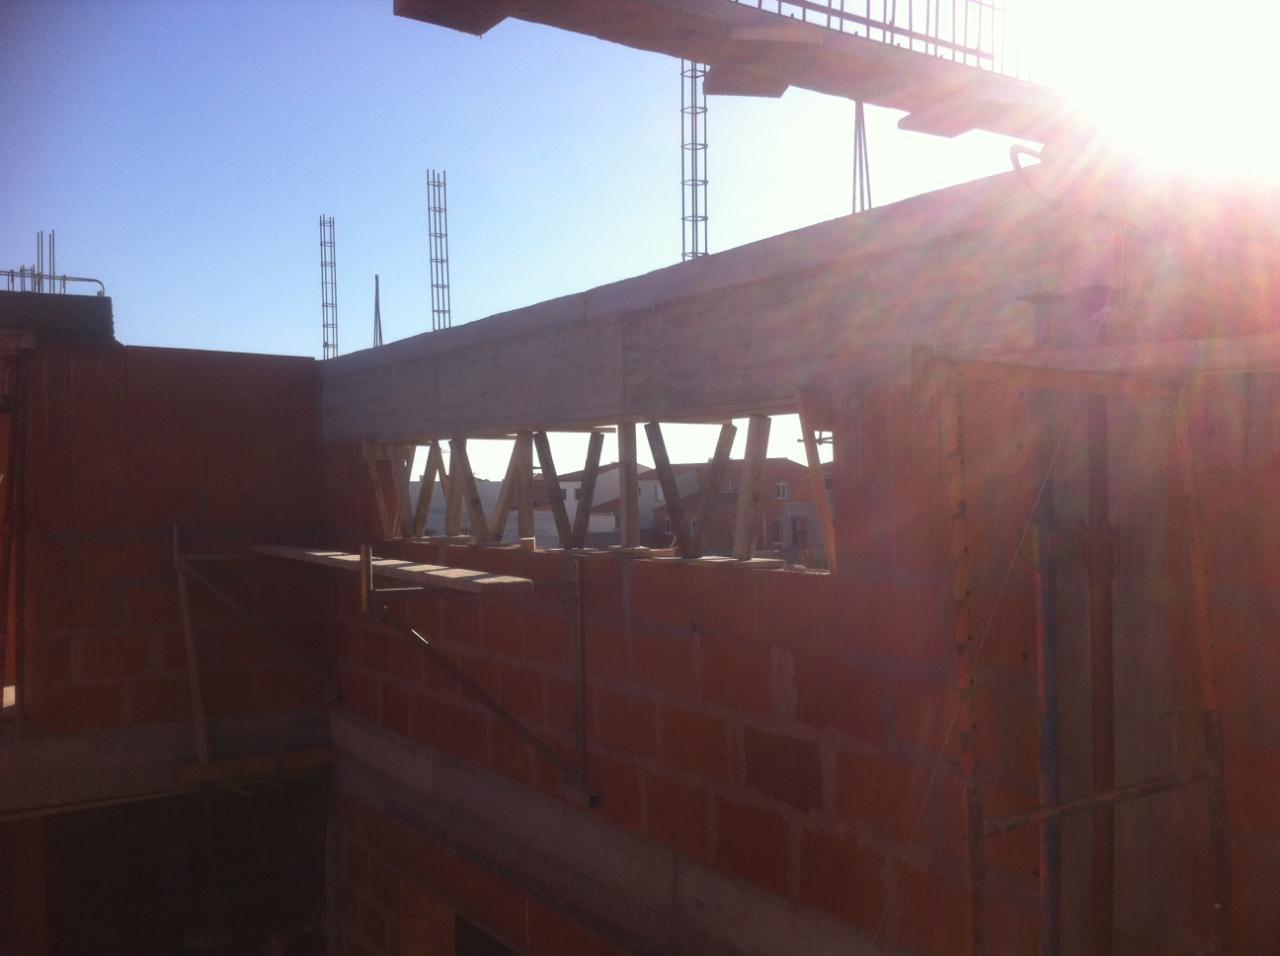 vue du linteau porteur de poutres de toit